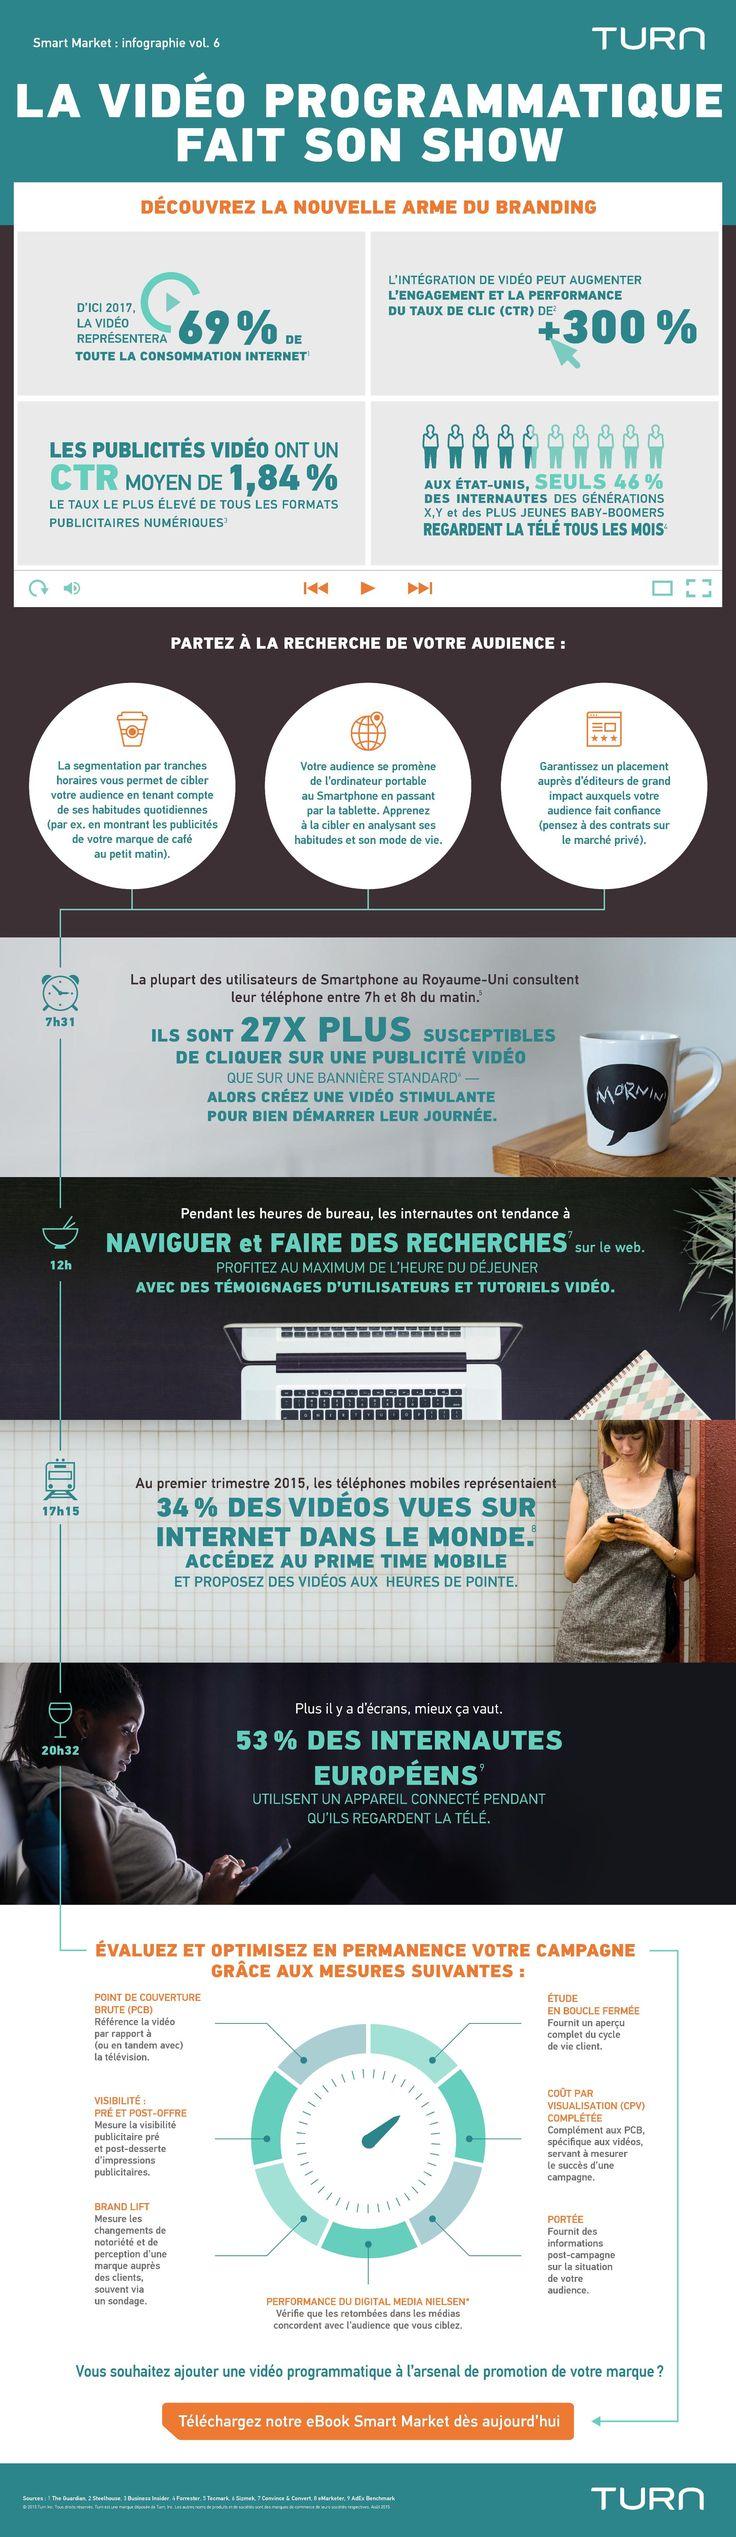 Infographie : la vidéo représentera 69% de la consommation internet en 2017